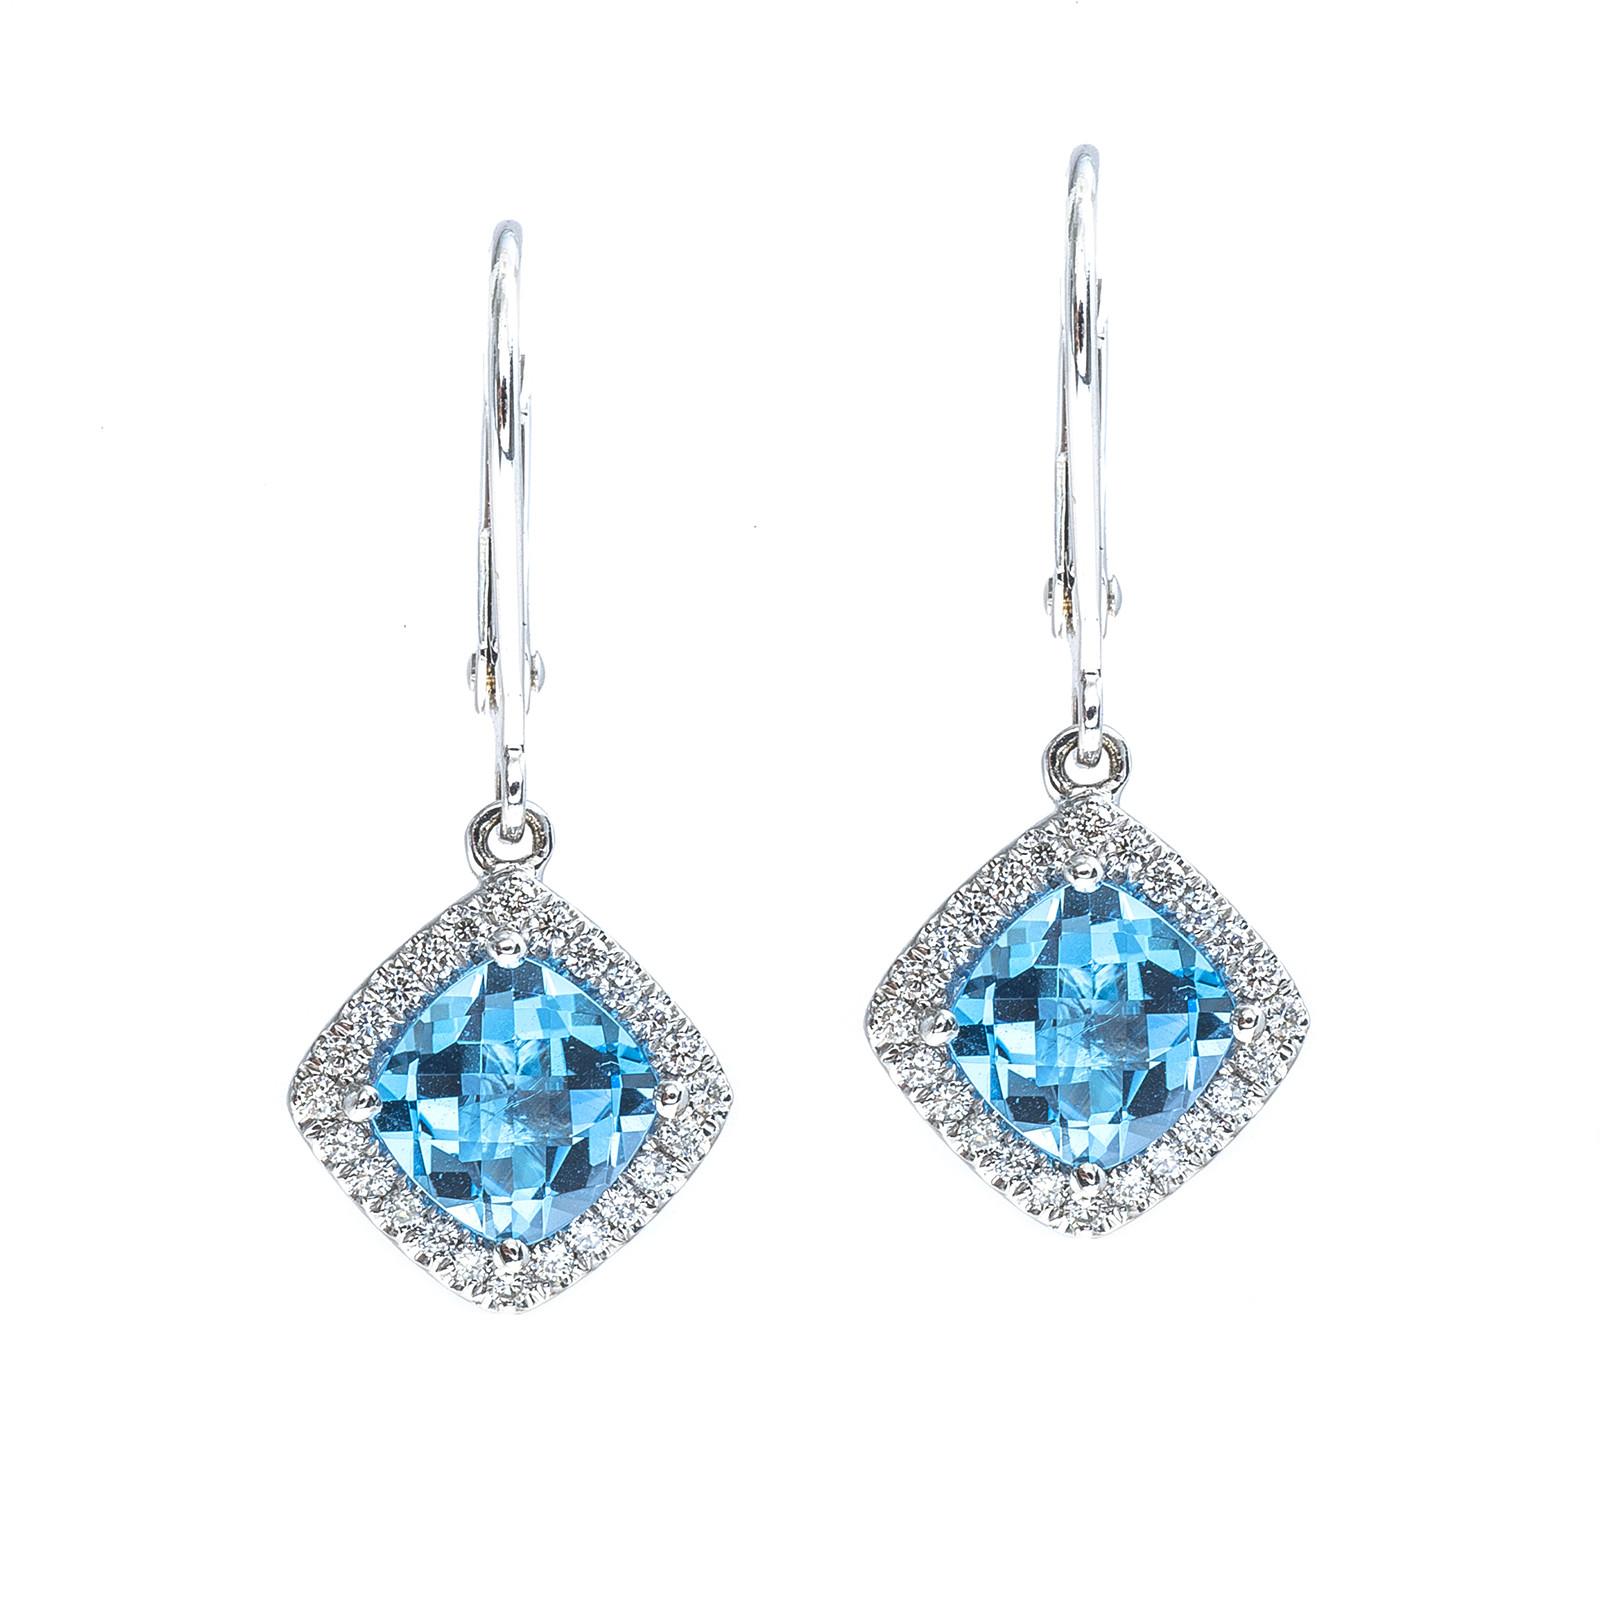 New 2.41 CTW Blue Topaz & Diamond Halo Drop Earrings